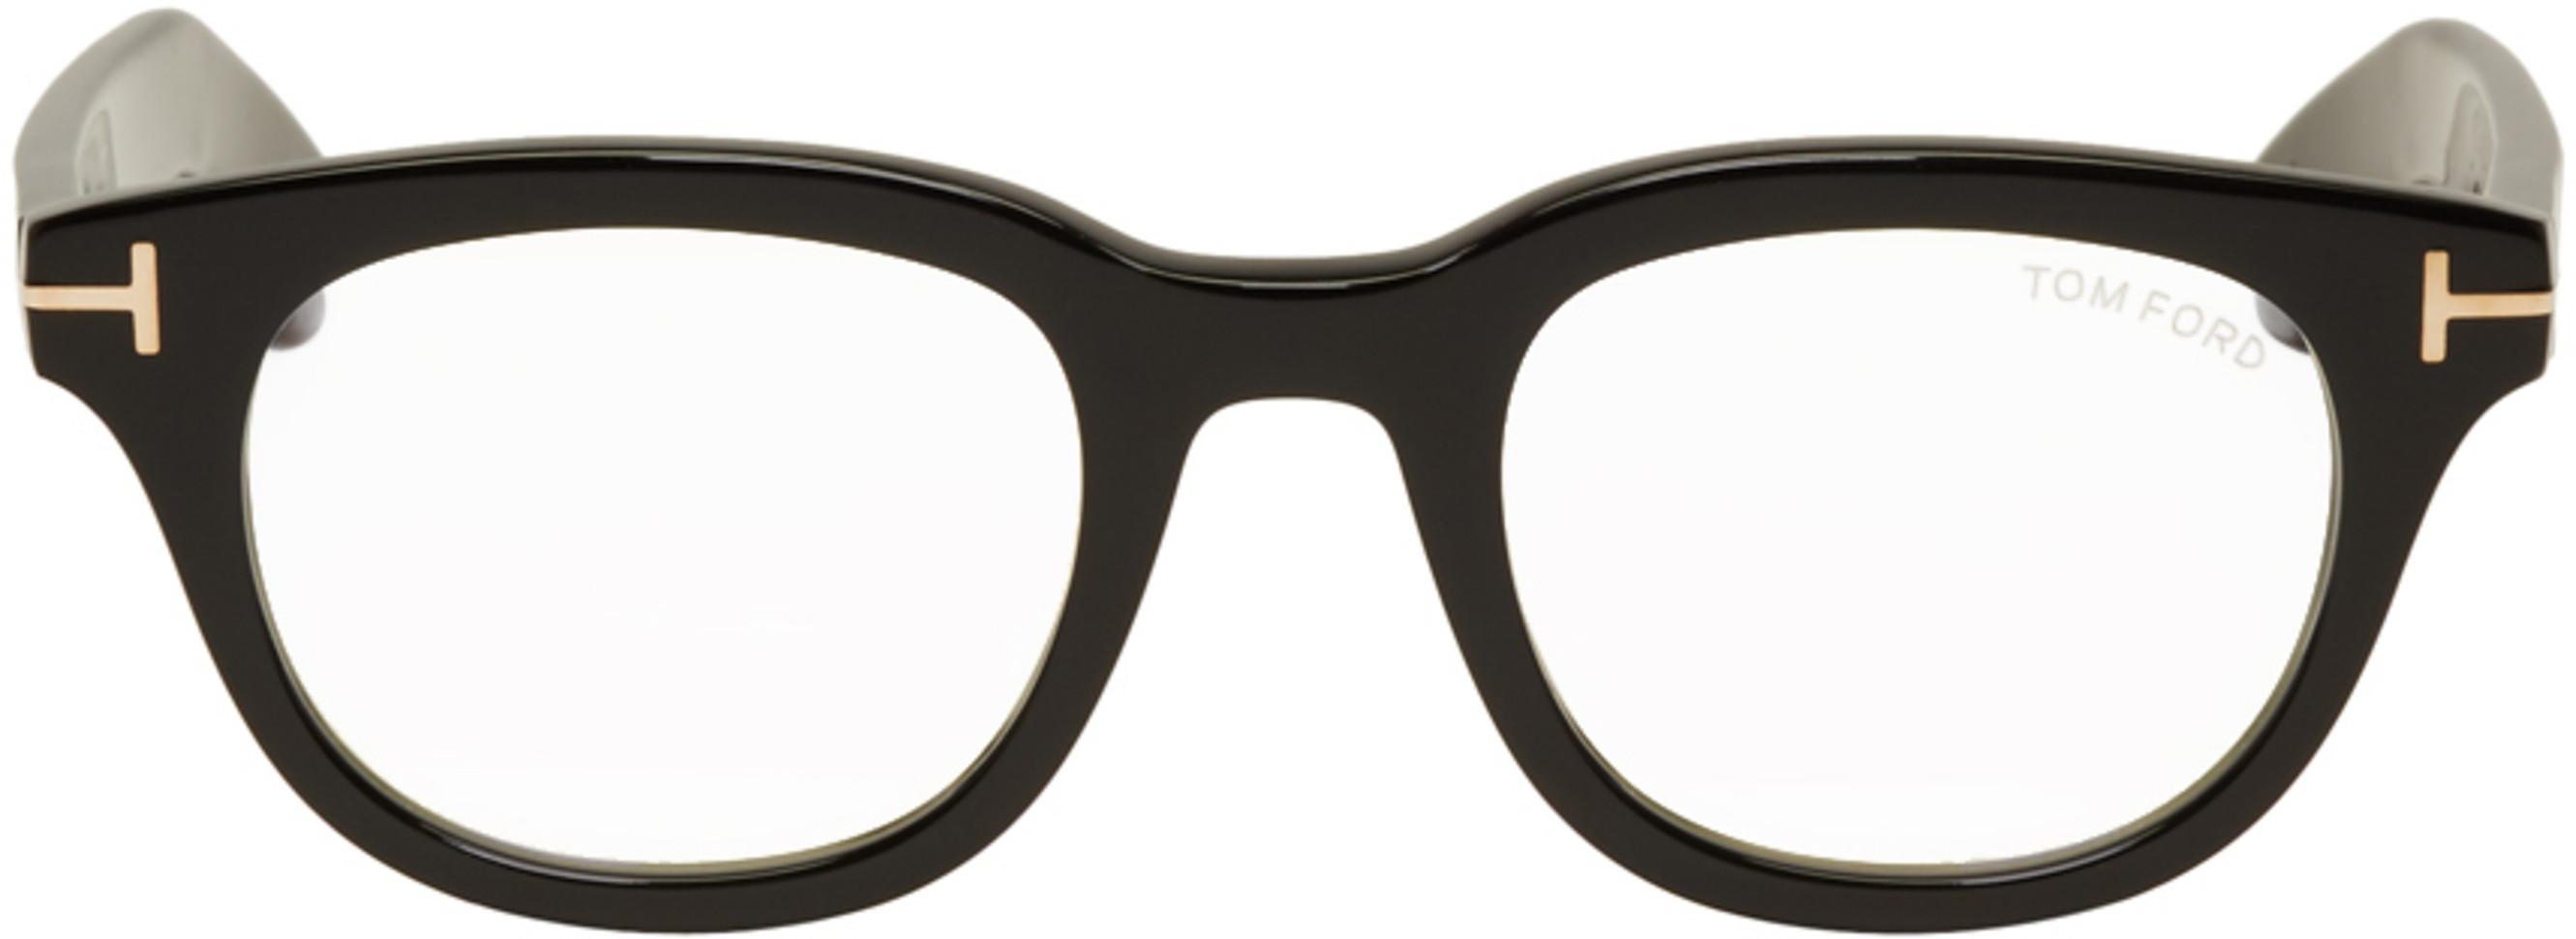 5b386c997a Designer glasses for Men